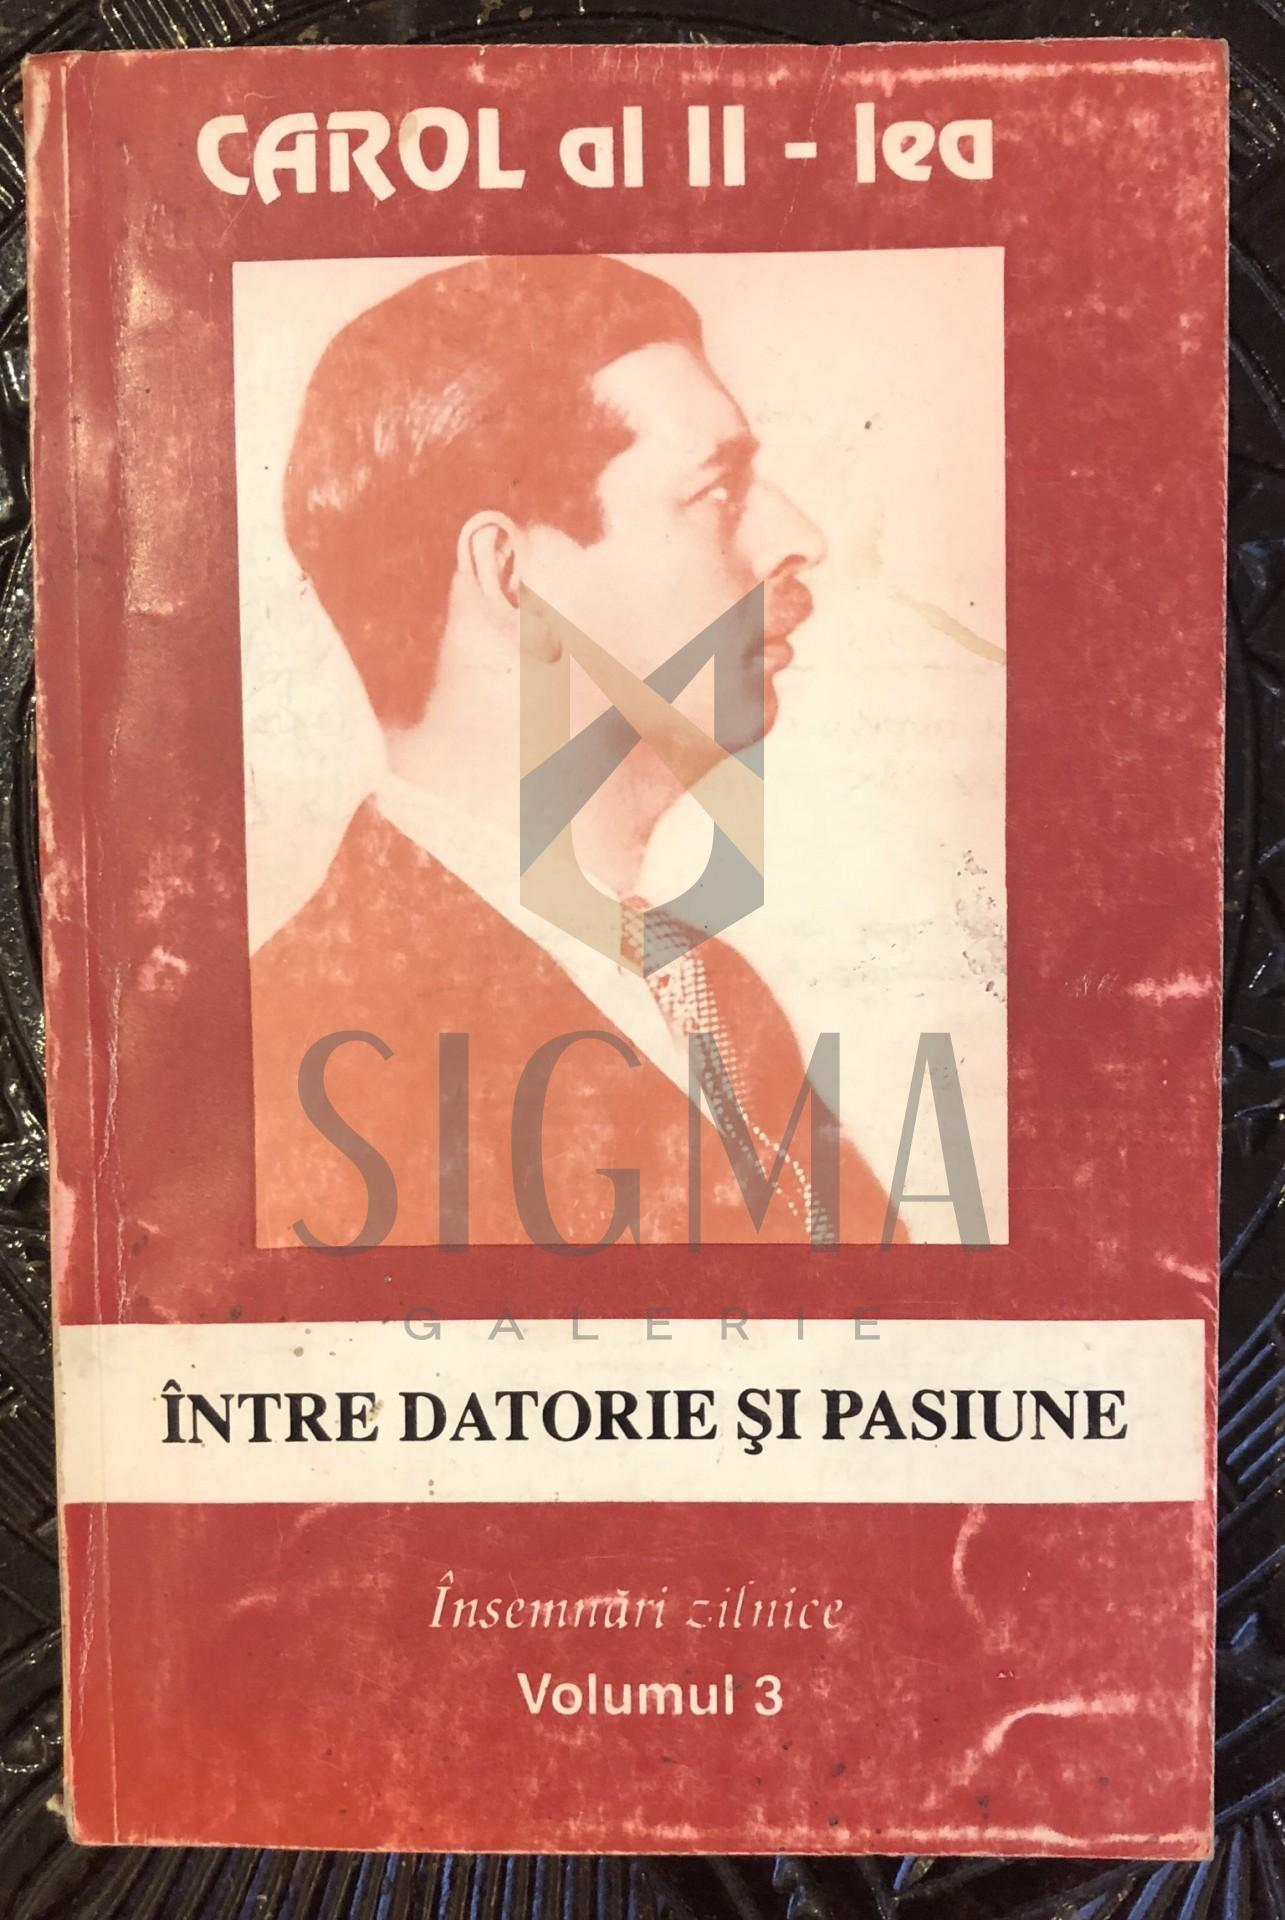 CAROL AL  II-LEA, INTRE DATORIE SI PASIUNE, INSEMNARI ZILNICE